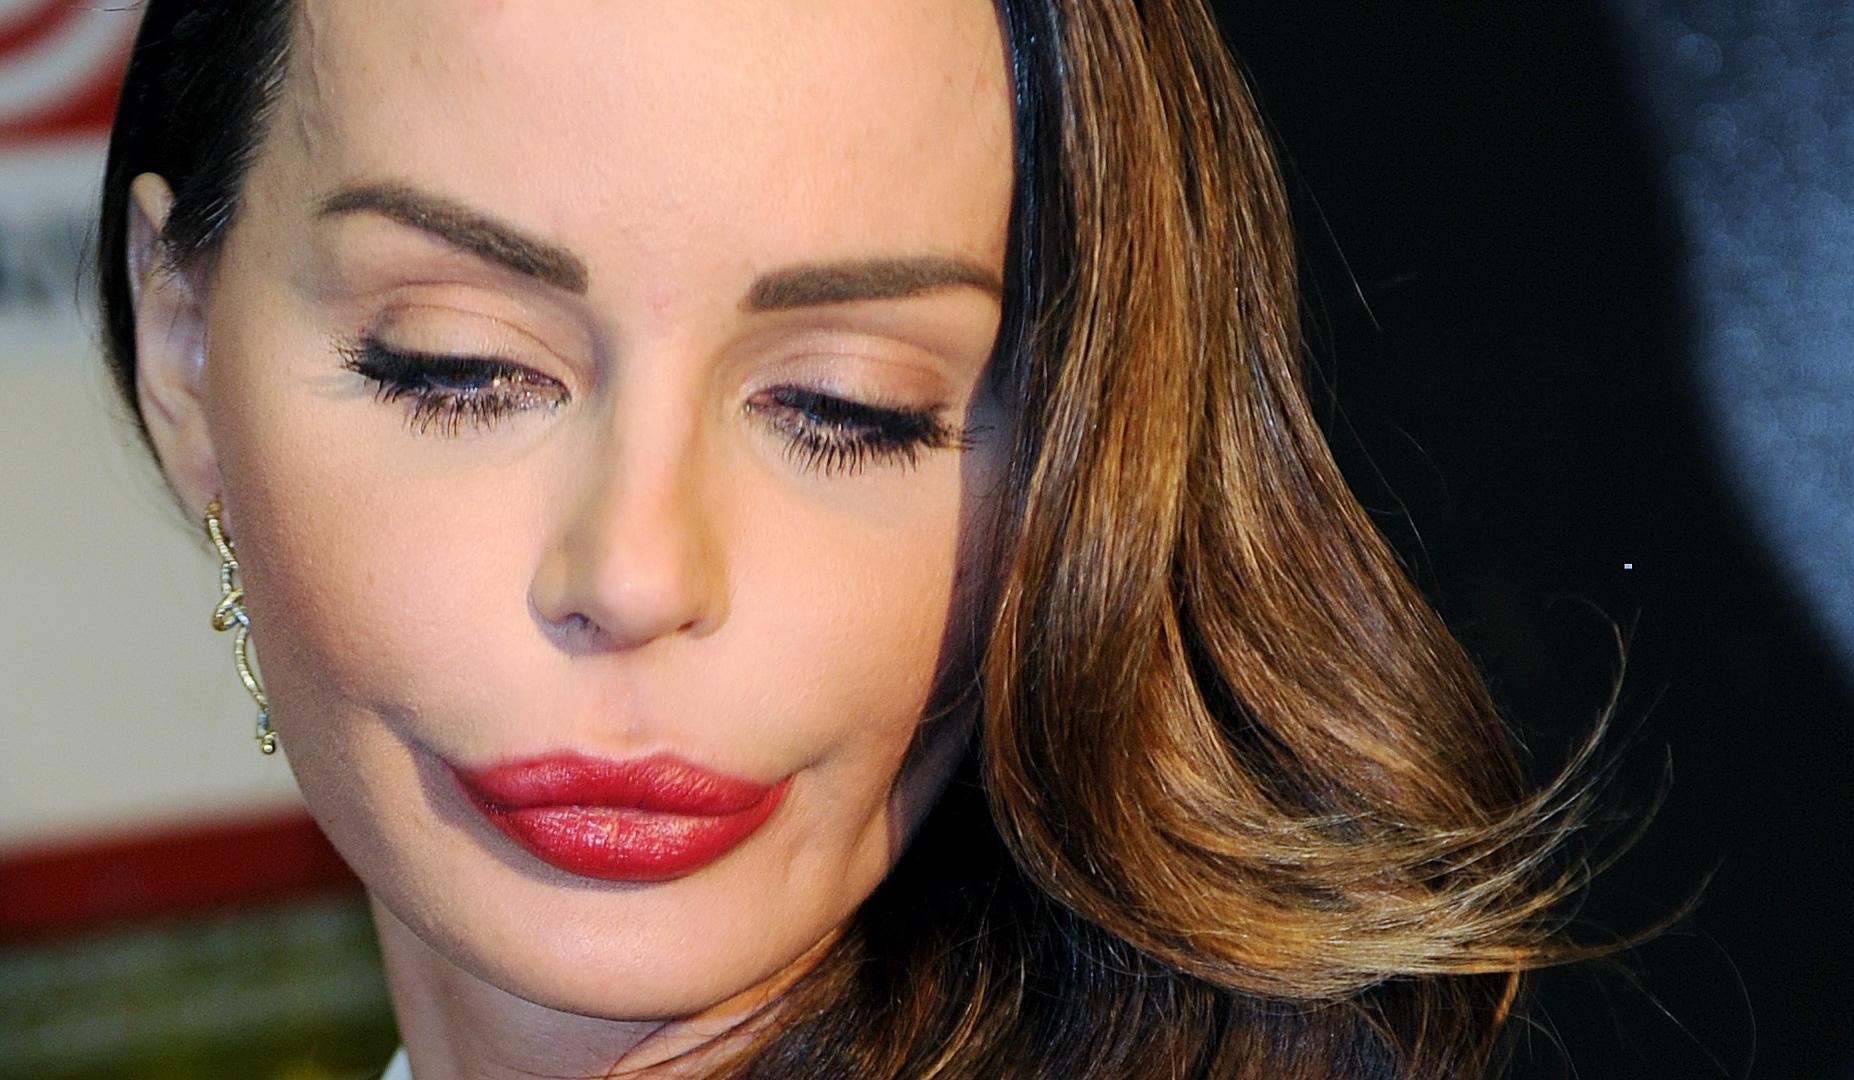 Nina Moric a Natale senza il figlio Carlos: 'Non saranno vacanze spensierate'